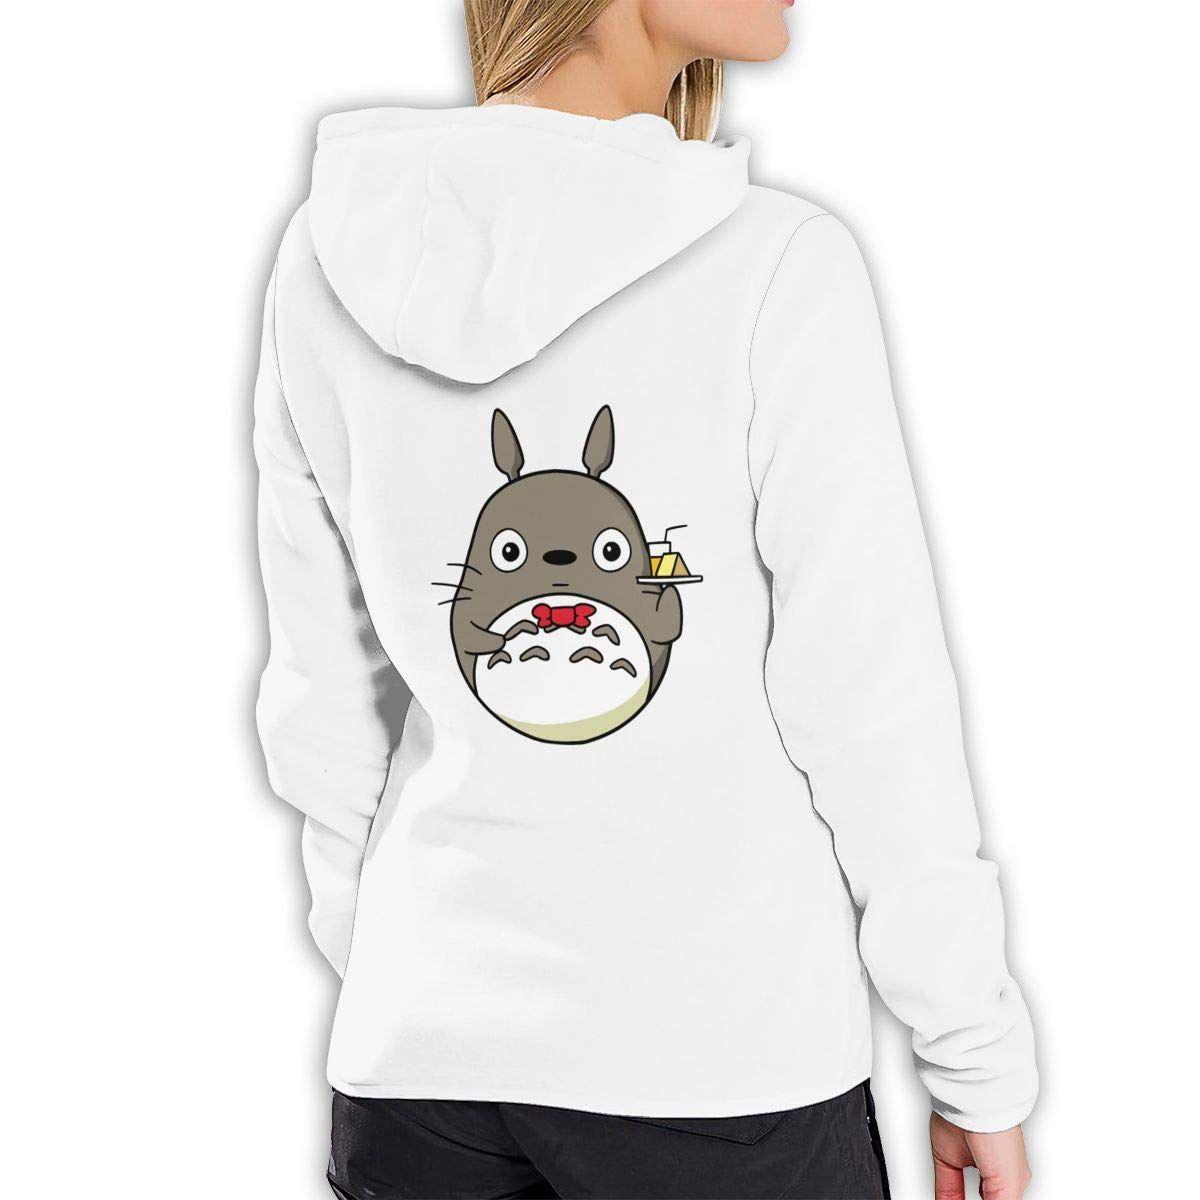 Mudrekj Woman S Cool My Neighbour Totoro Hoodie Sweatshirt With Pocket Black Ad Cool Neighbour Mudrekj Totoro Hoodie Sweatshirts Womens Jumpsuits Black [ 1200 x 1200 Pixel ]